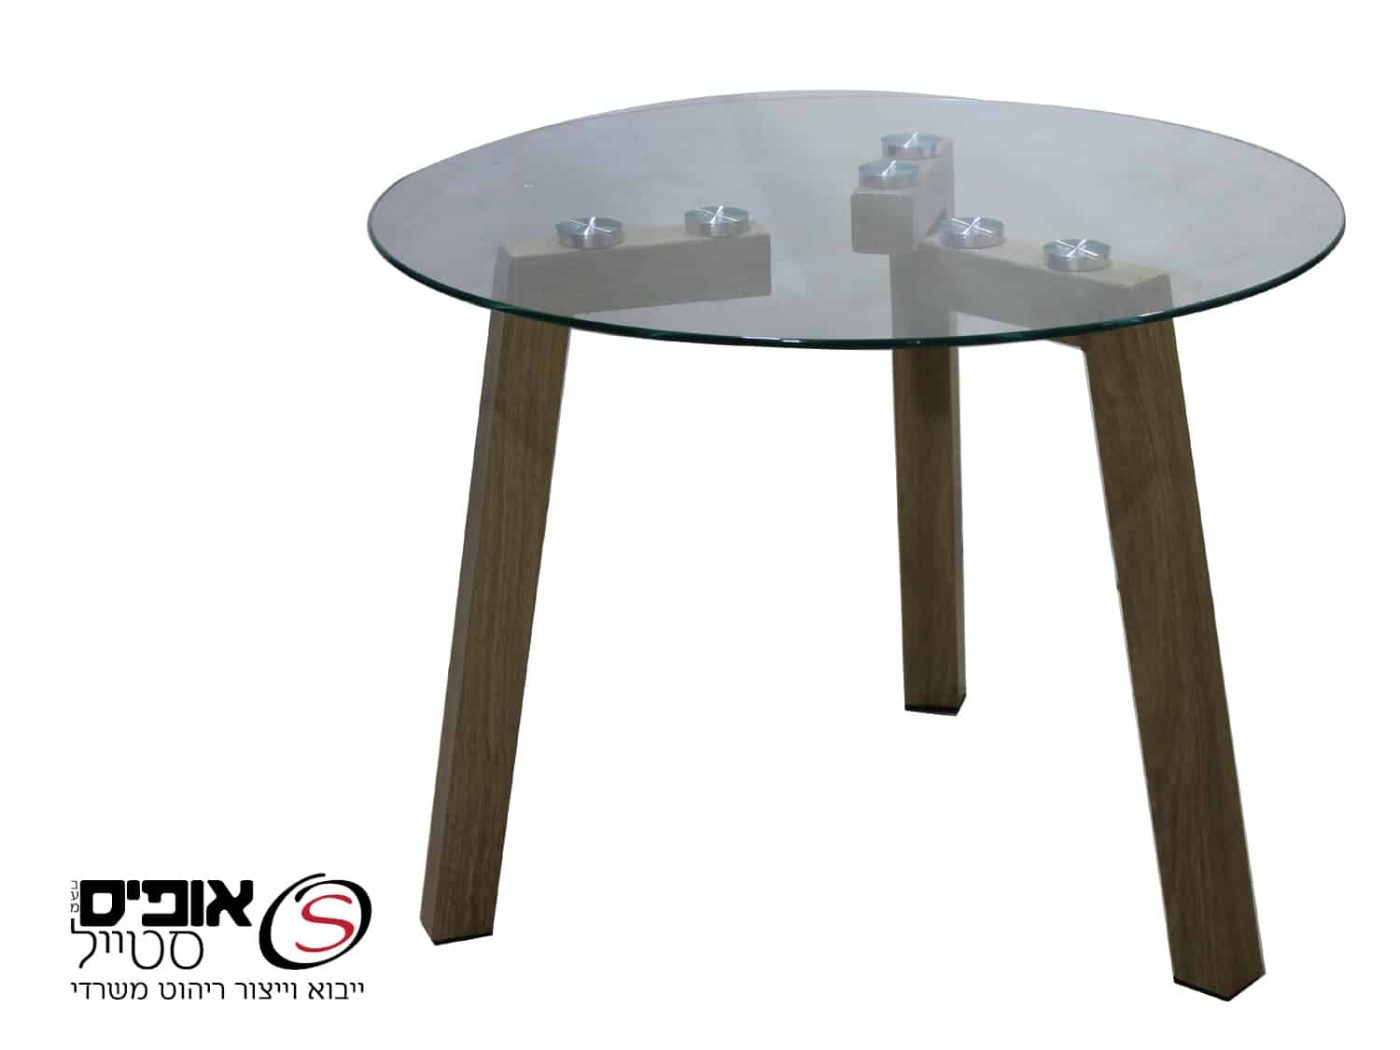 שולחן המתנה דגם ויקי